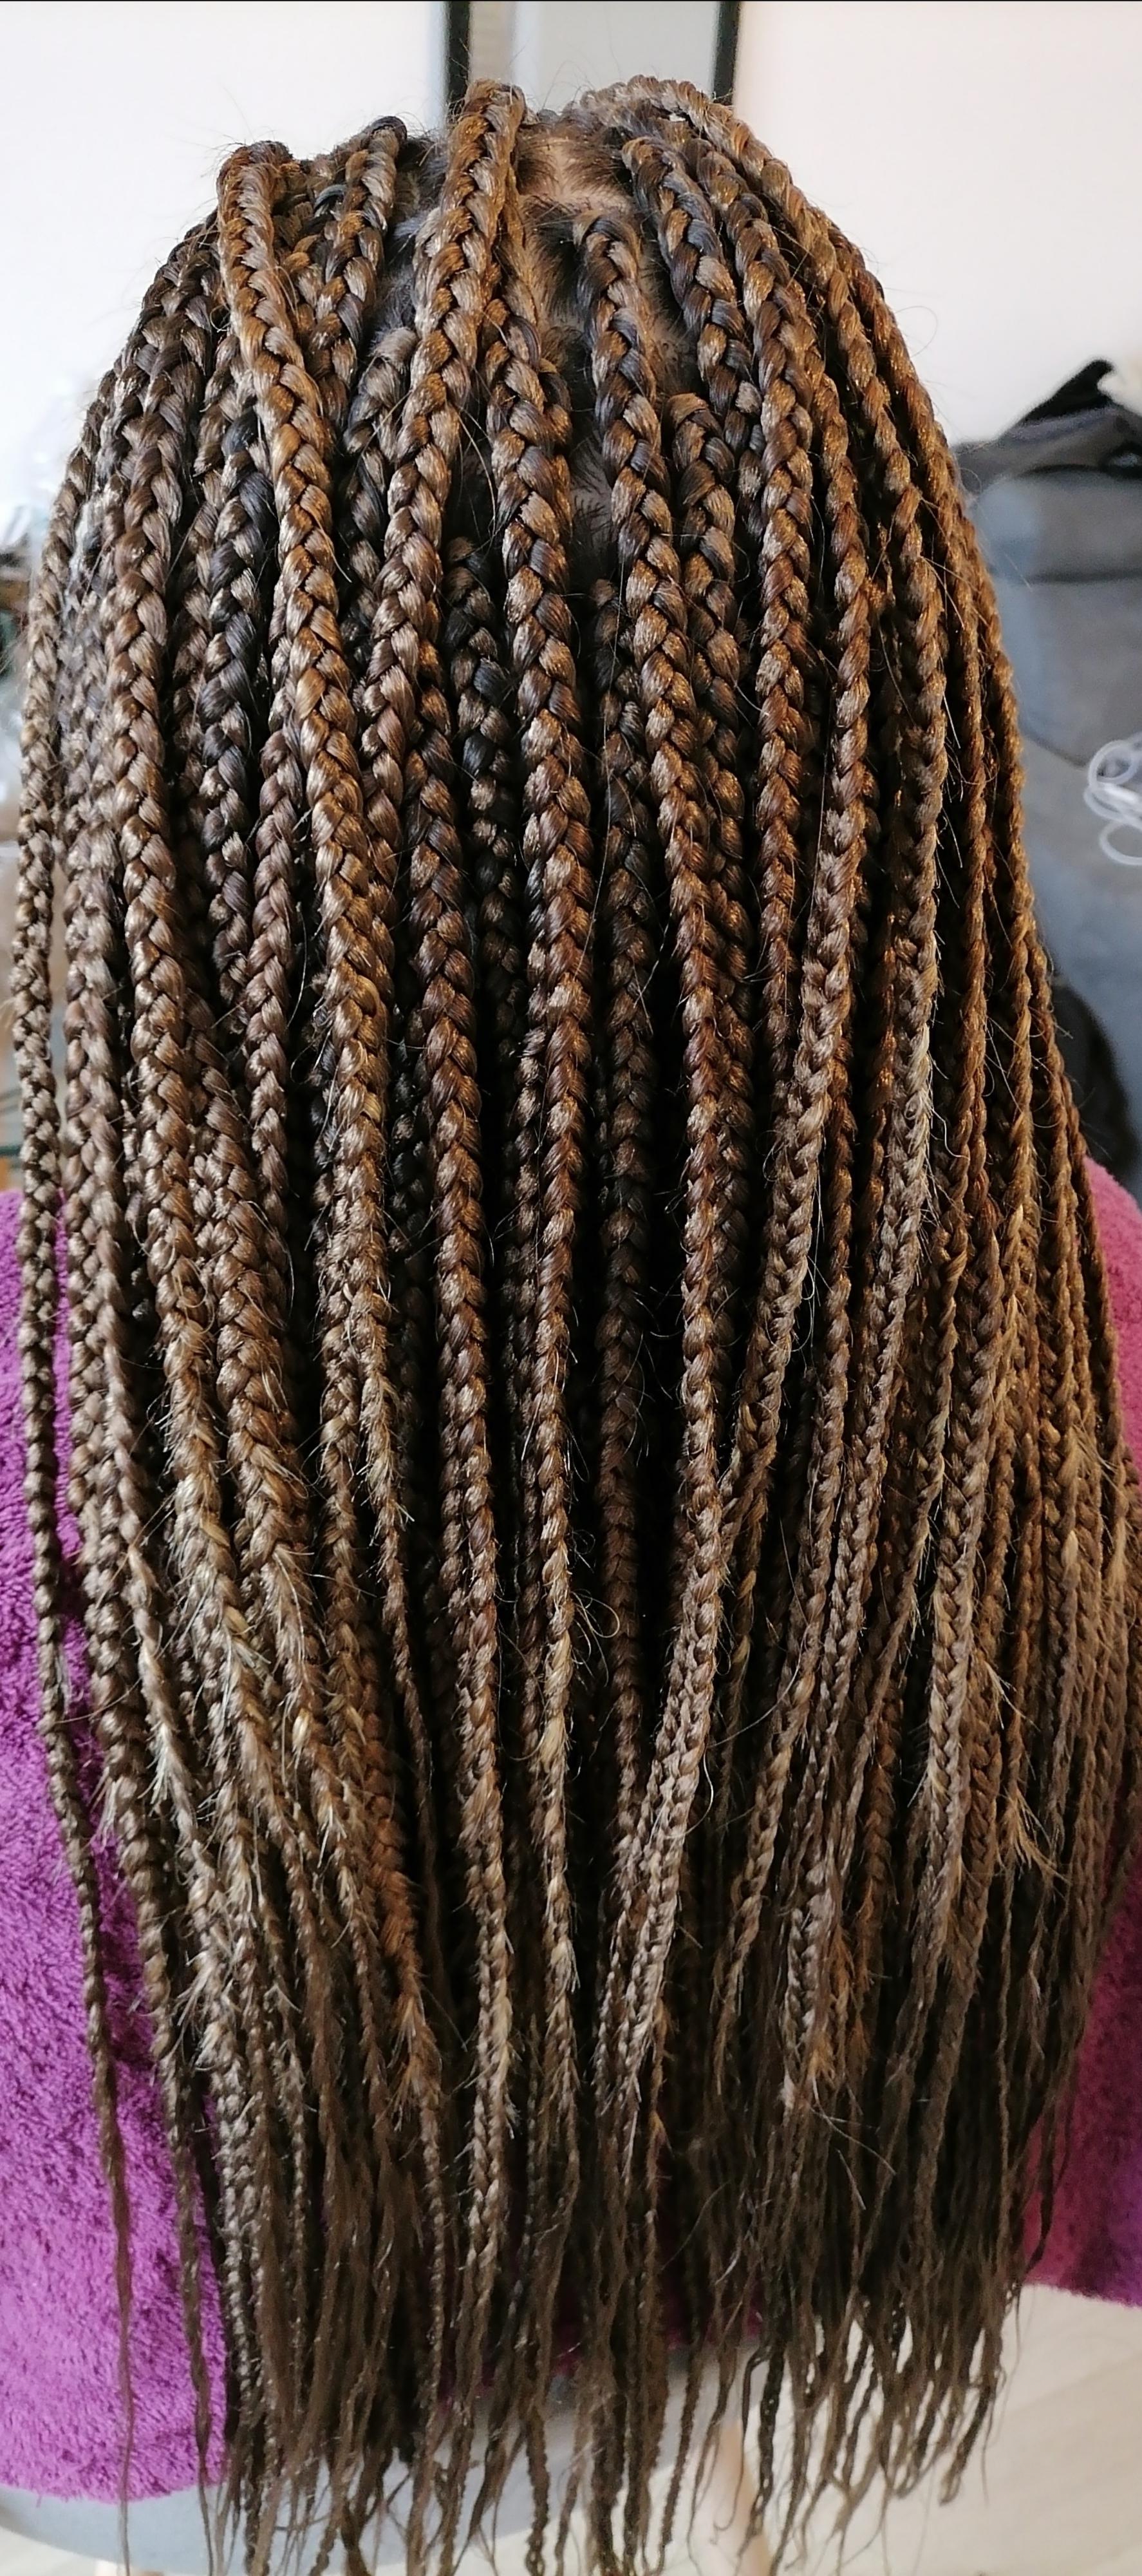 salon de coiffure afro tresse tresses box braids crochet braids vanilles tissages paris 75 77 78 91 92 93 94 95 AESGMYQH